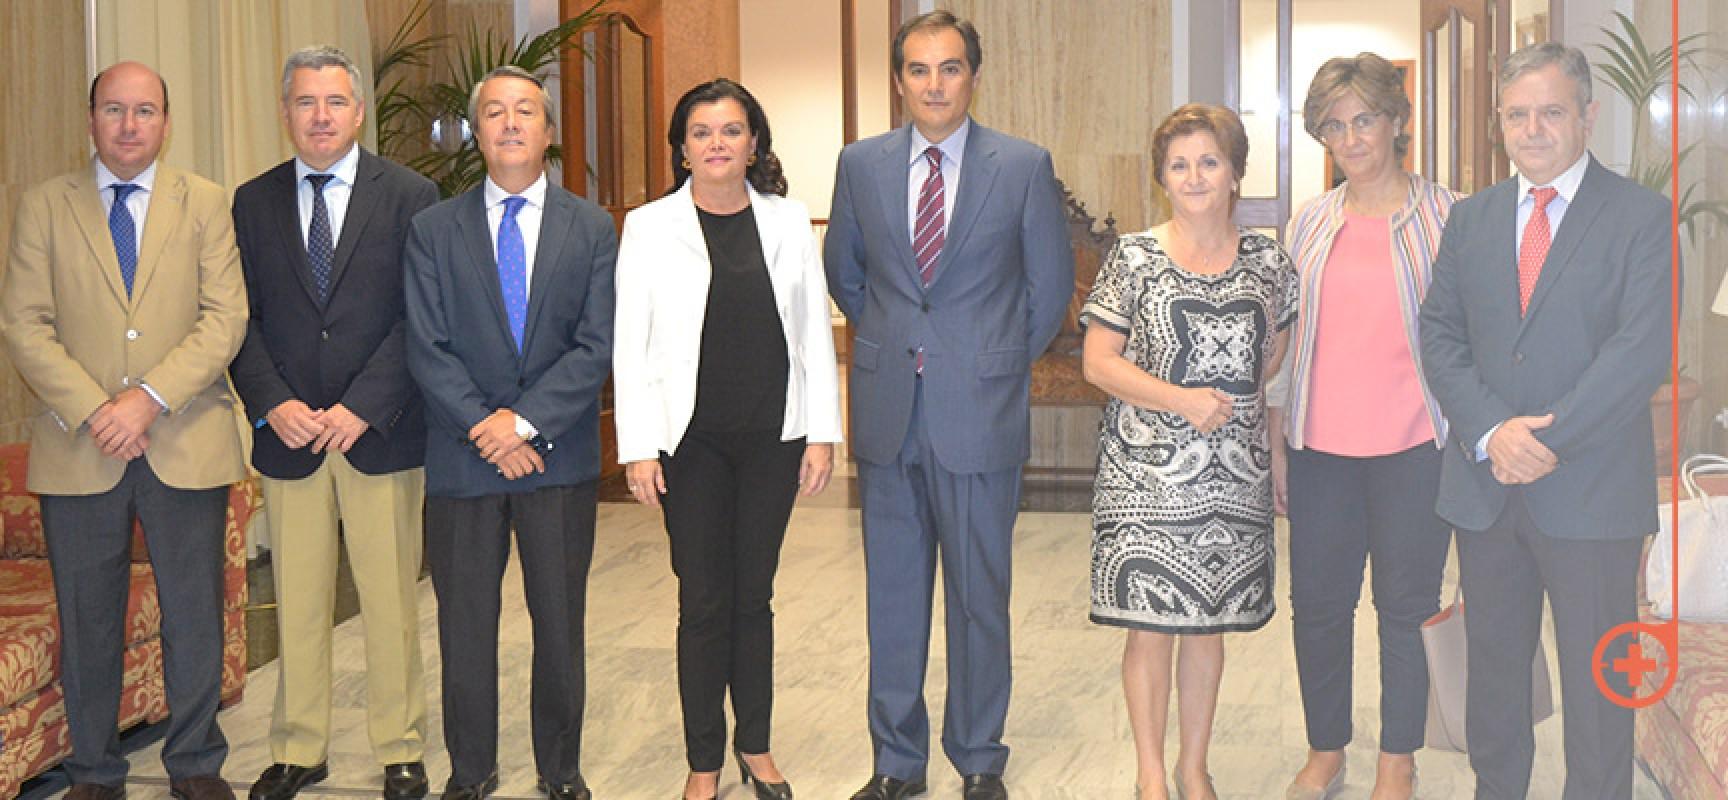 Comienza el XIX Congreso Nacional Farmacéutico en Córdoba